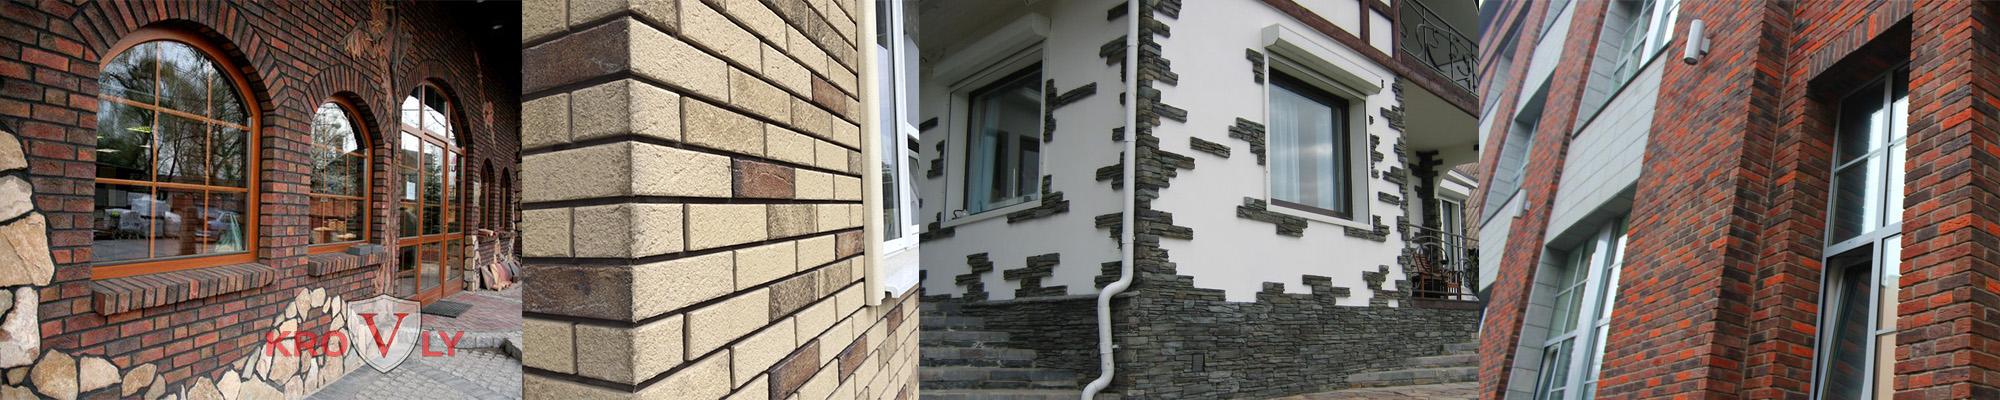 Облицовка фасада клинкерной плиткой, натуральным камнем